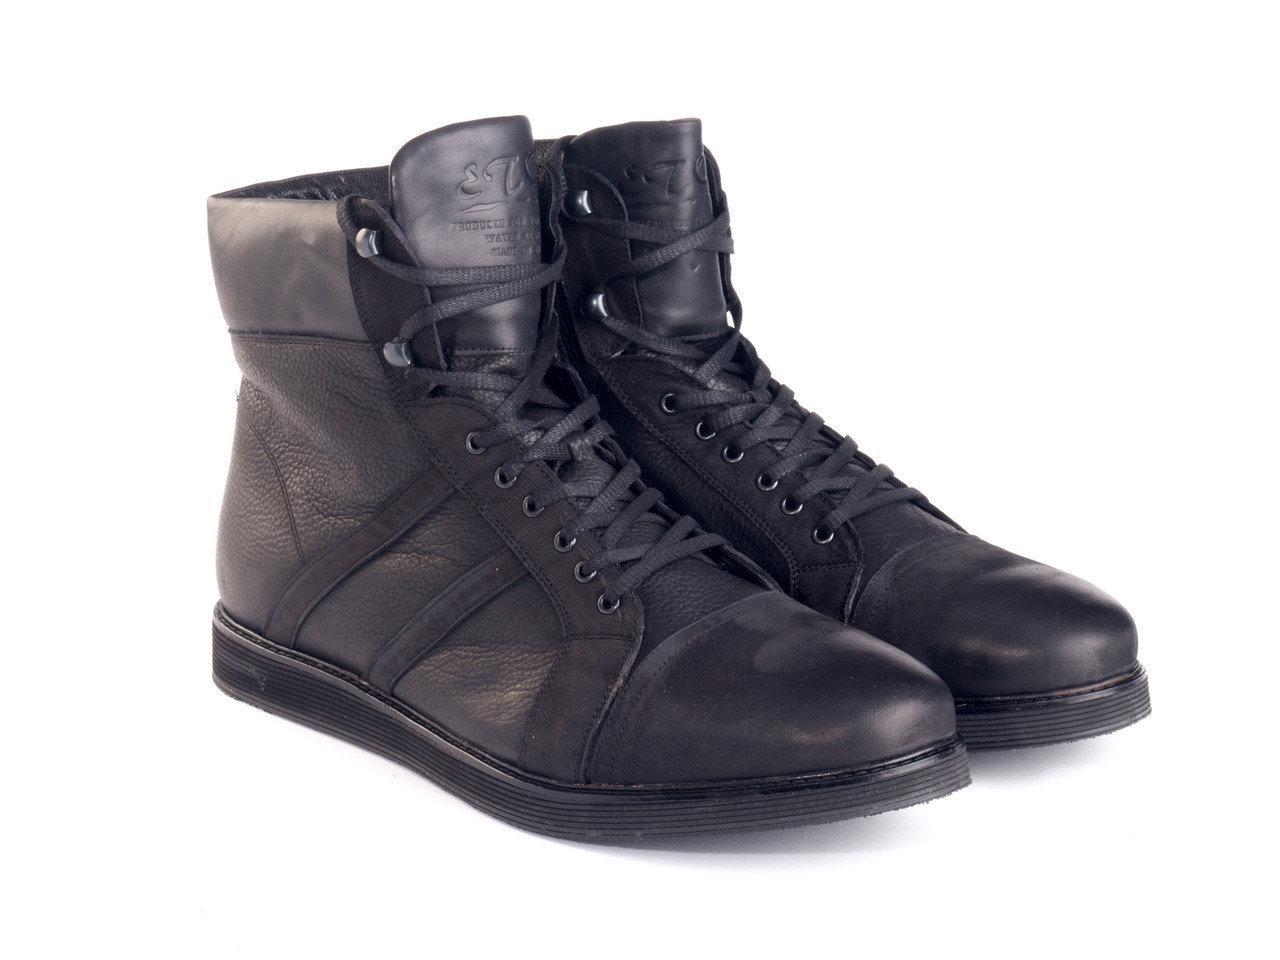 Черевики Etor 8503-08-847-01-013 чорний